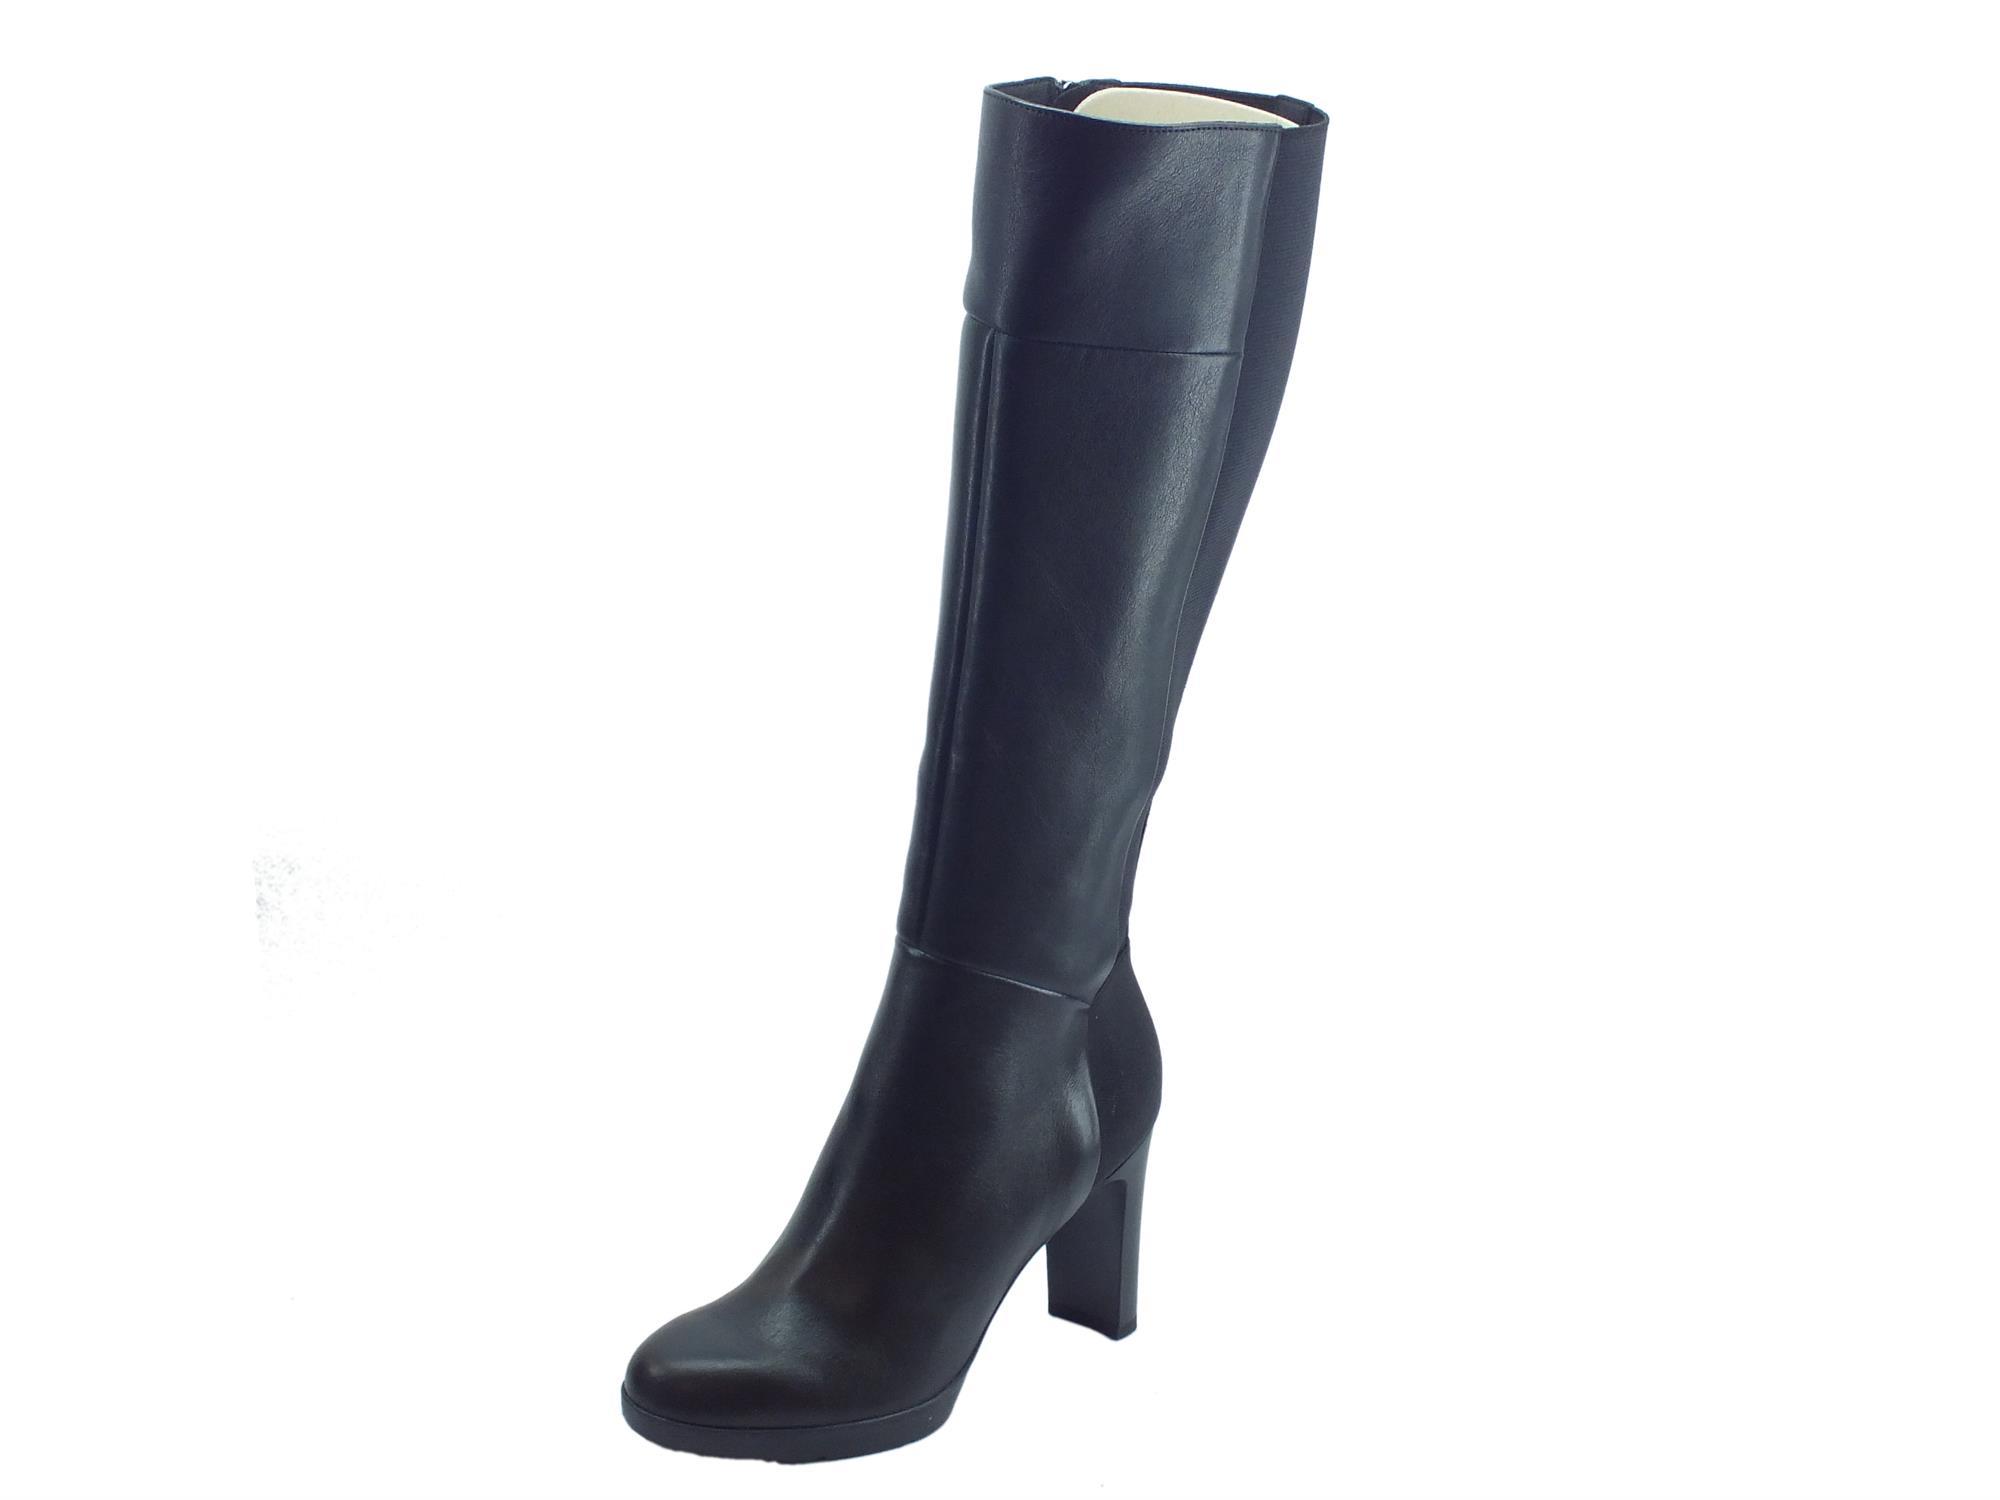 sito affidabile e66fe 7742a Stivali Geox Annya per donna in pelle e tessuto elasticizzato nero tacco  alto